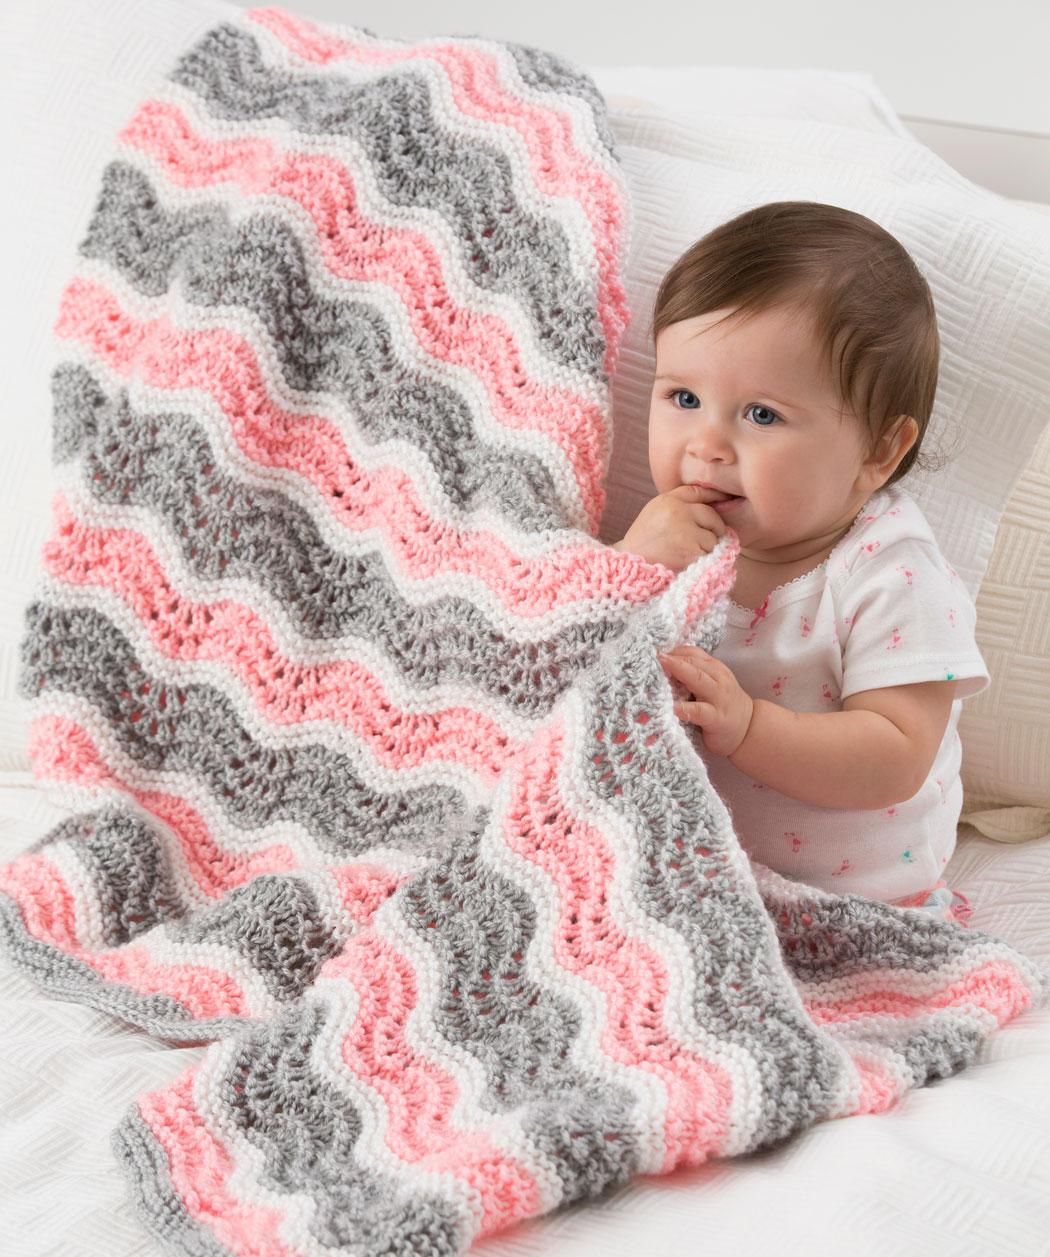 baby knitting patterns 1 xsgsyhv